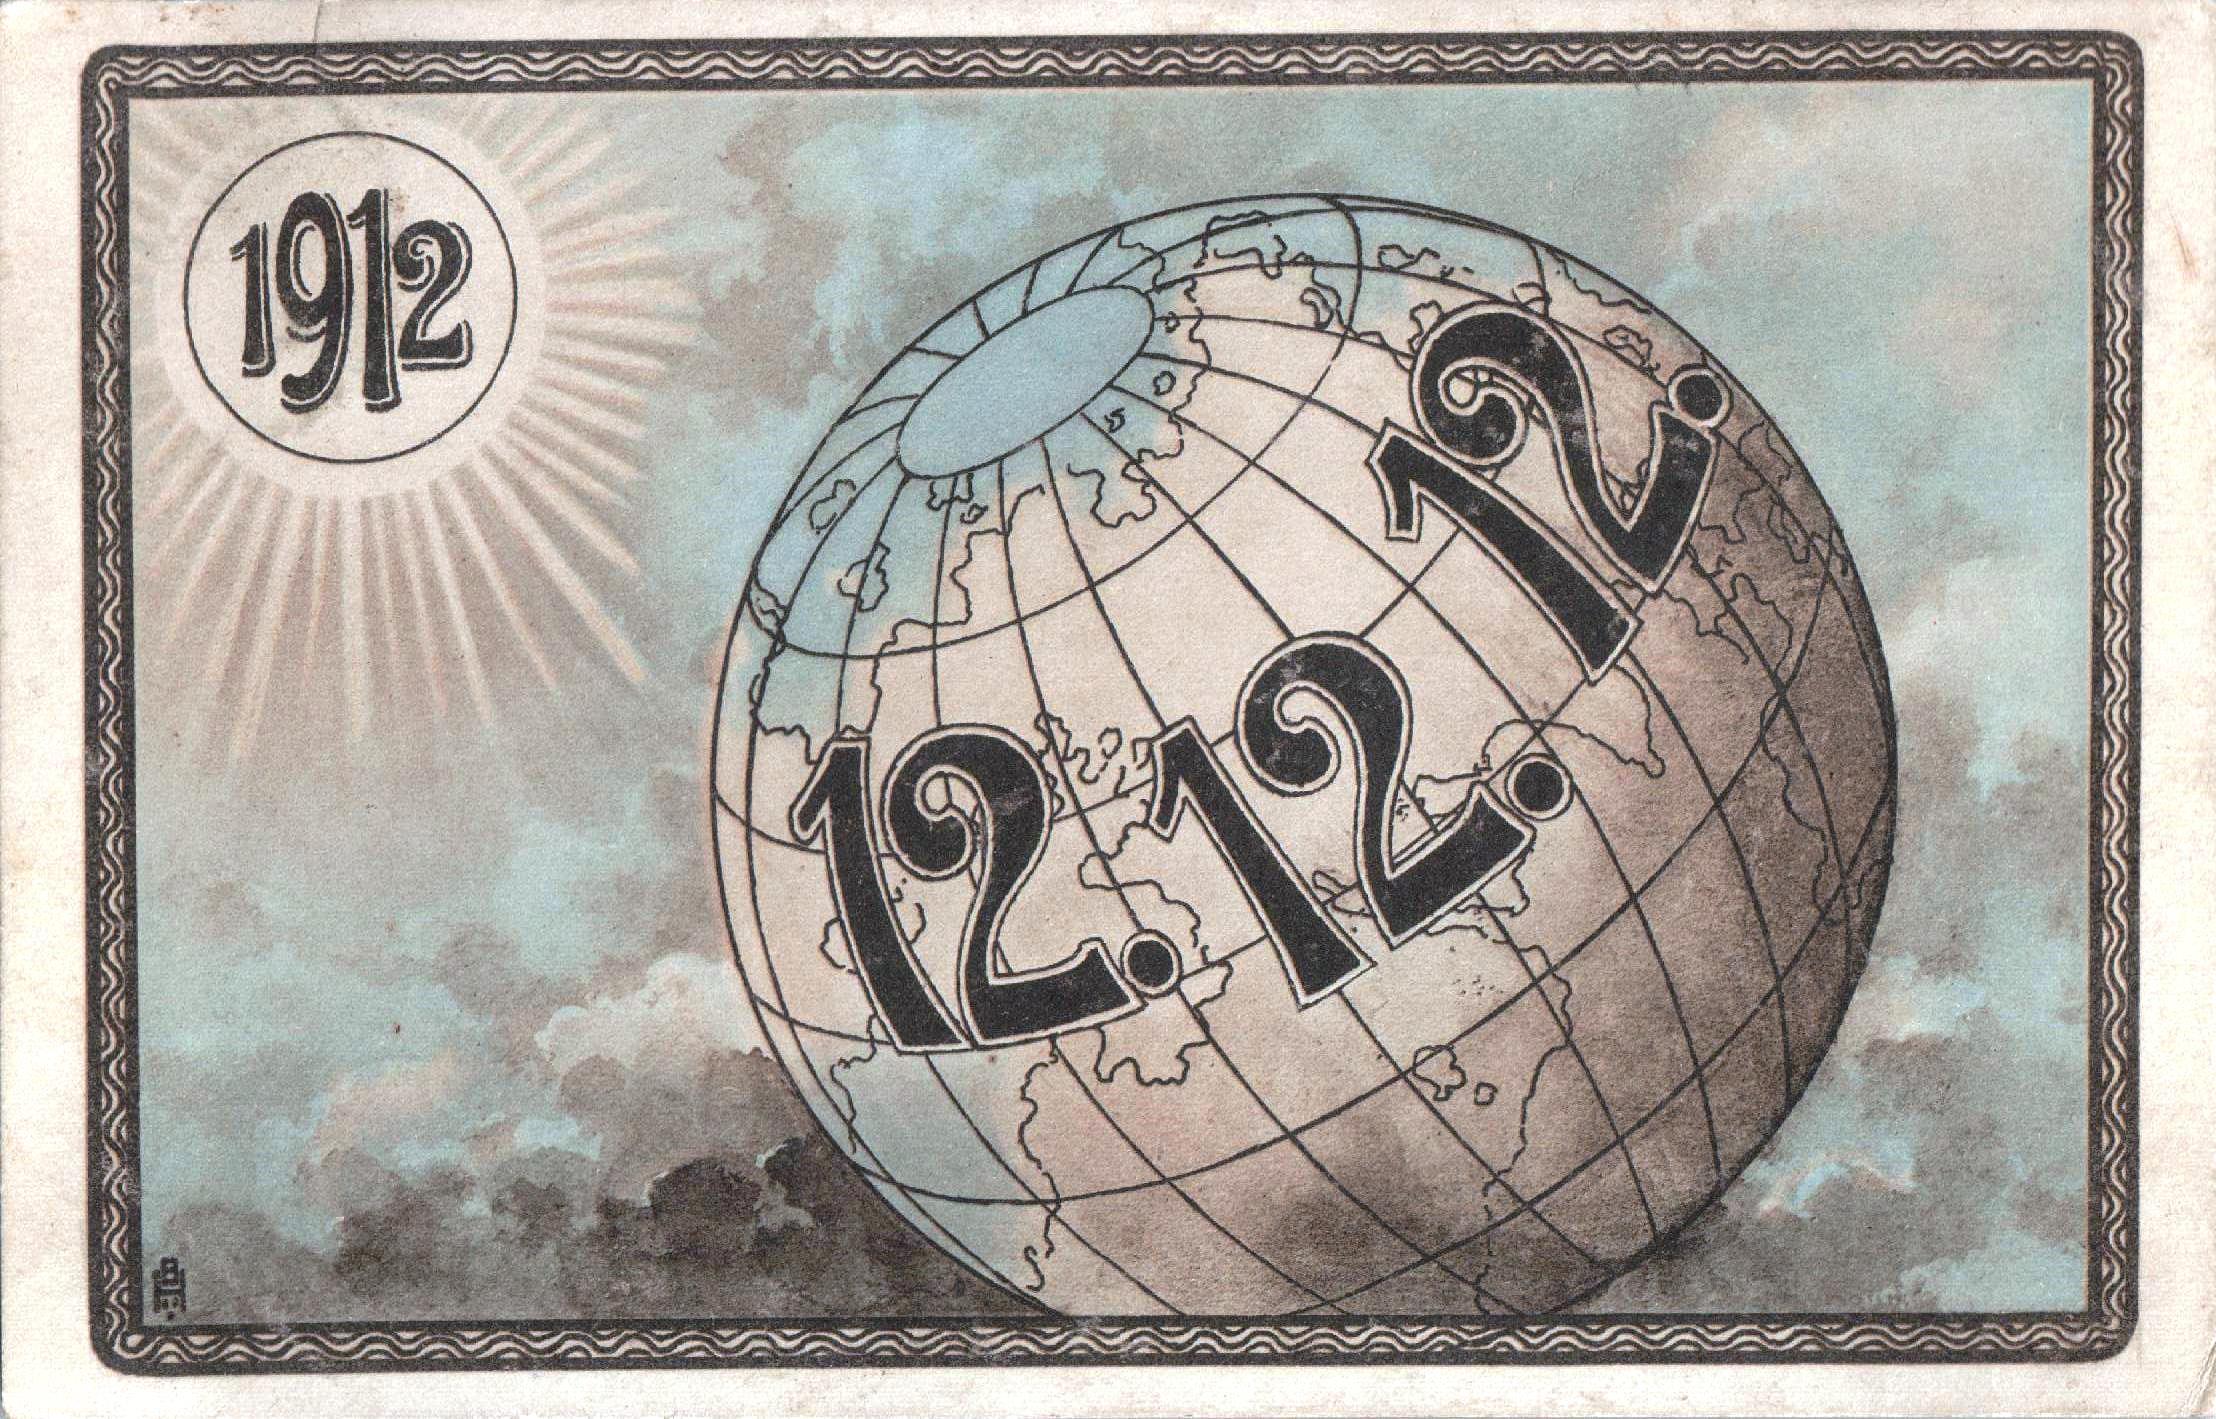 Niezwykła pocztówka [ARCHIWALNE KARTY - GALERIA] 6